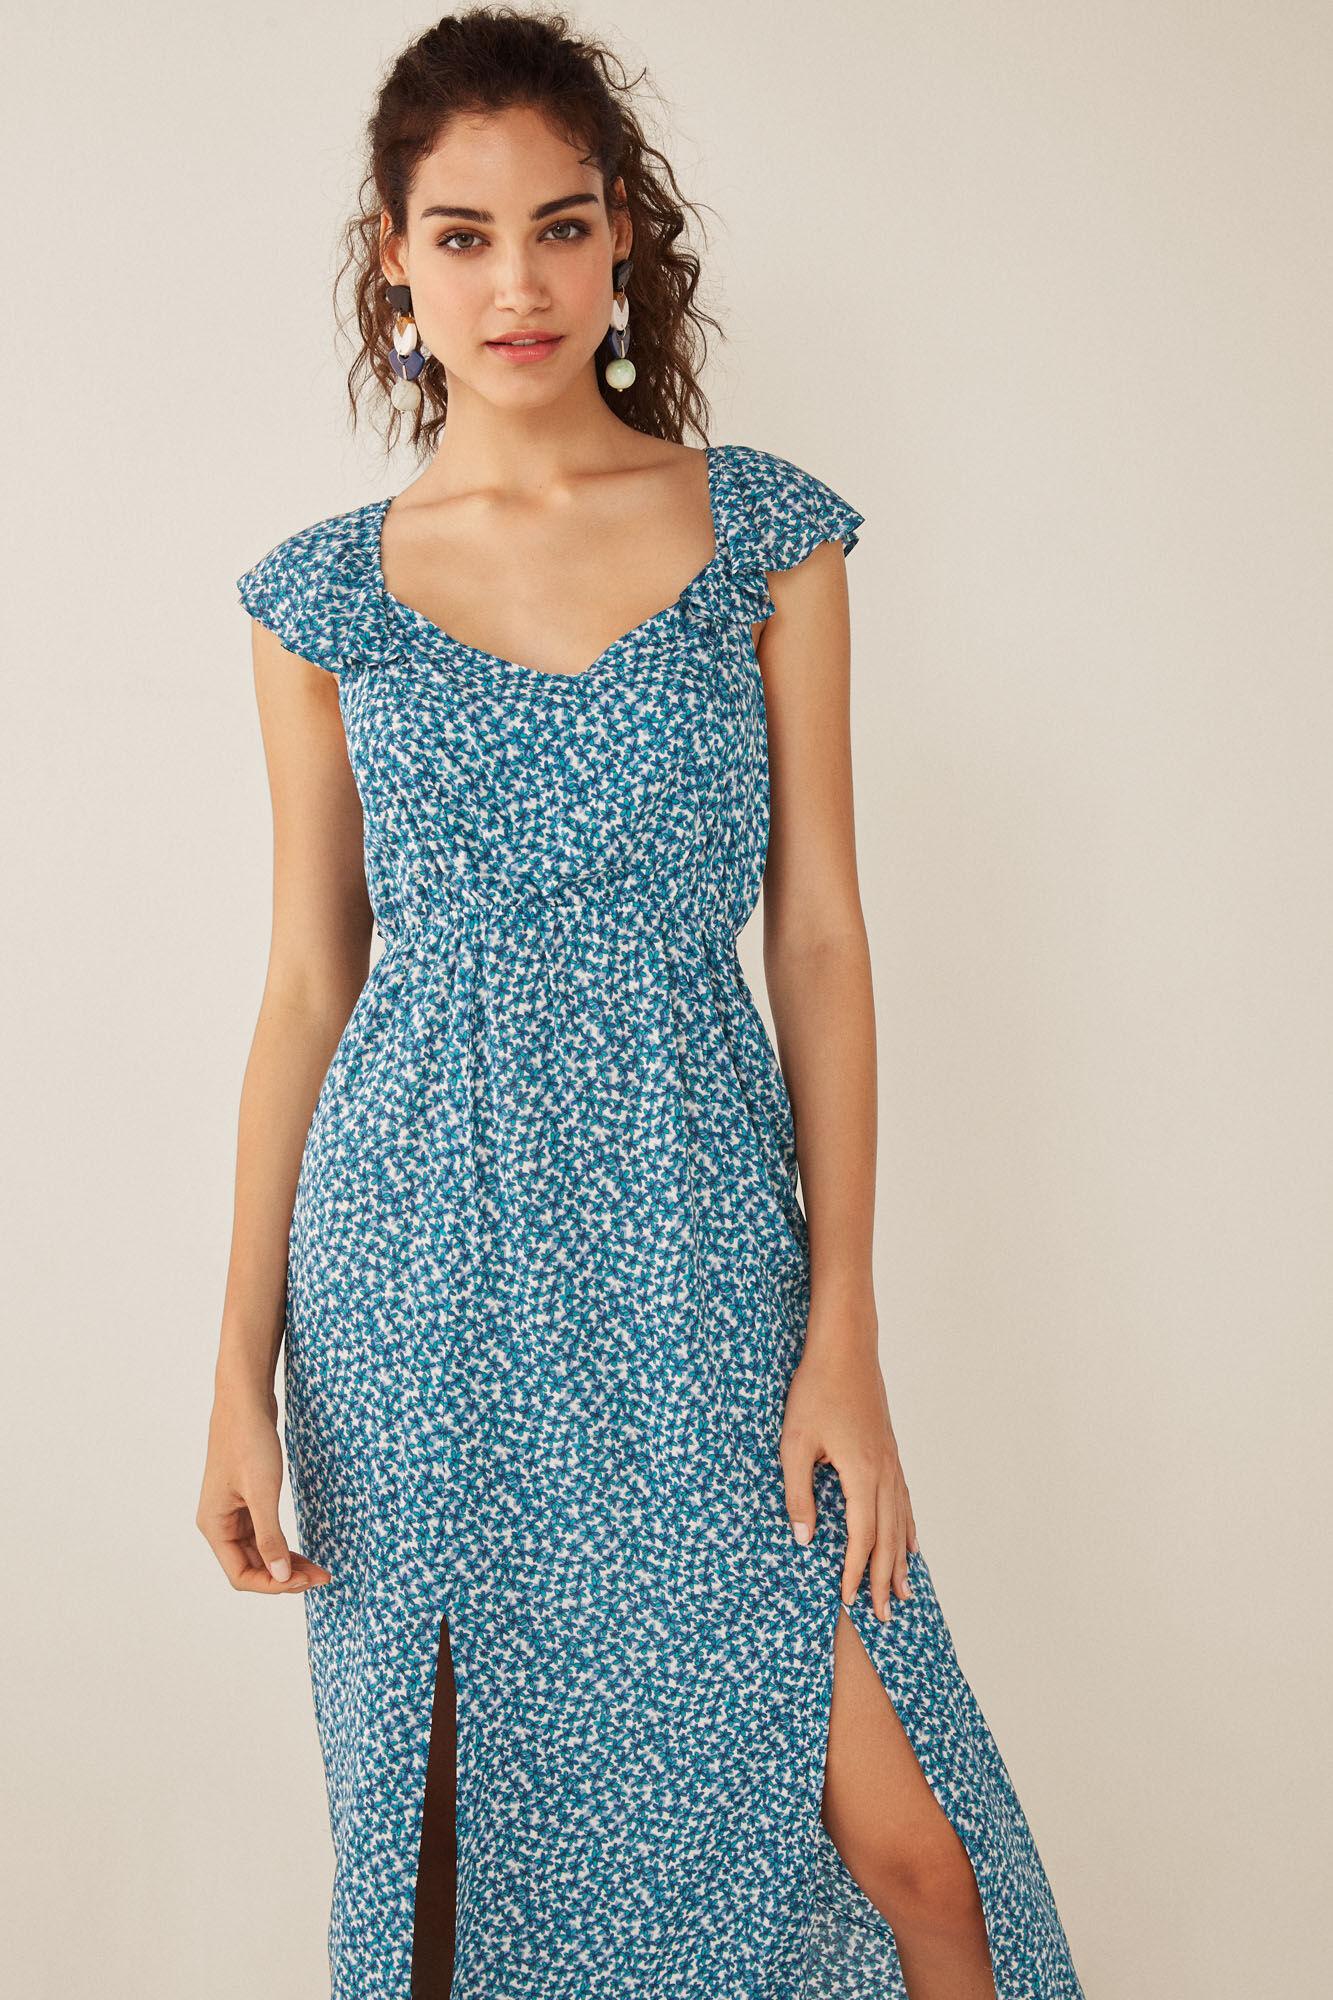 ab894e52b Длинное платье с цветочным принтом | Платья и комбинезоны | Women'secret